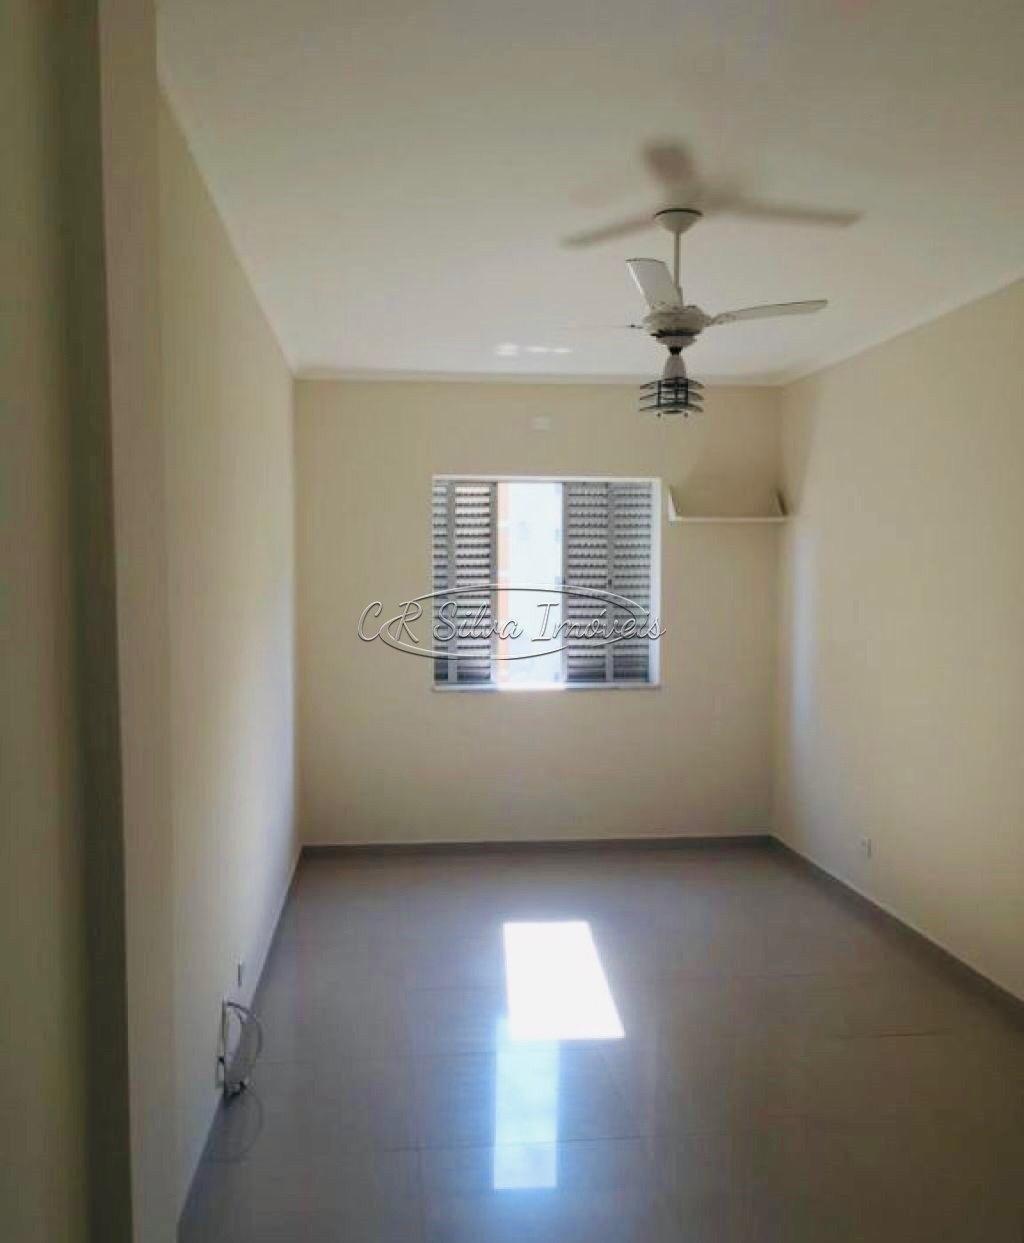 Kitnet com 1 dormitório à venda, 25 m² por R$ 105.000,00 - Itararé - São Vicente/SP